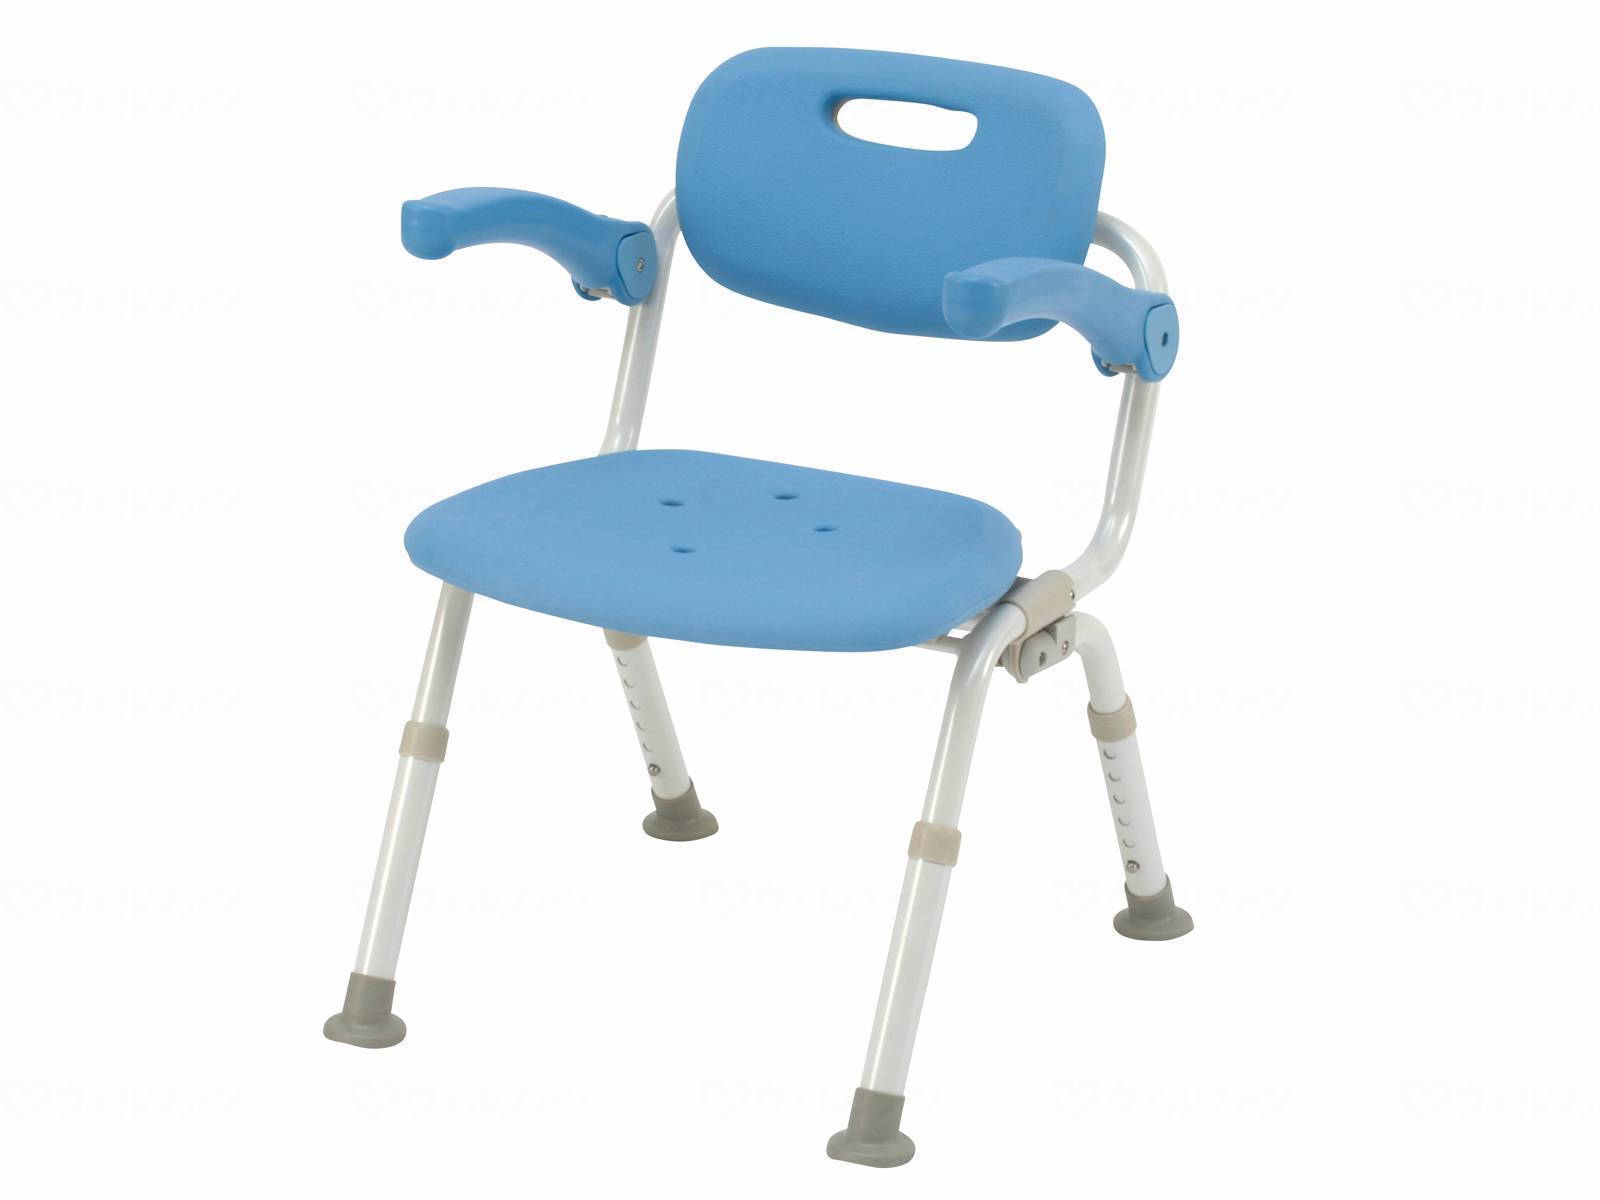 パナソニックエイジフリーシャワーチェア ユクリアミドルSPおりたたみNオレンジ・ブルー・モカブラウンPN-L41721D・PN-L41721A ・PN-L41721BR[介護 ケア サポート 介護用品 通販 風呂 椅子 いす]